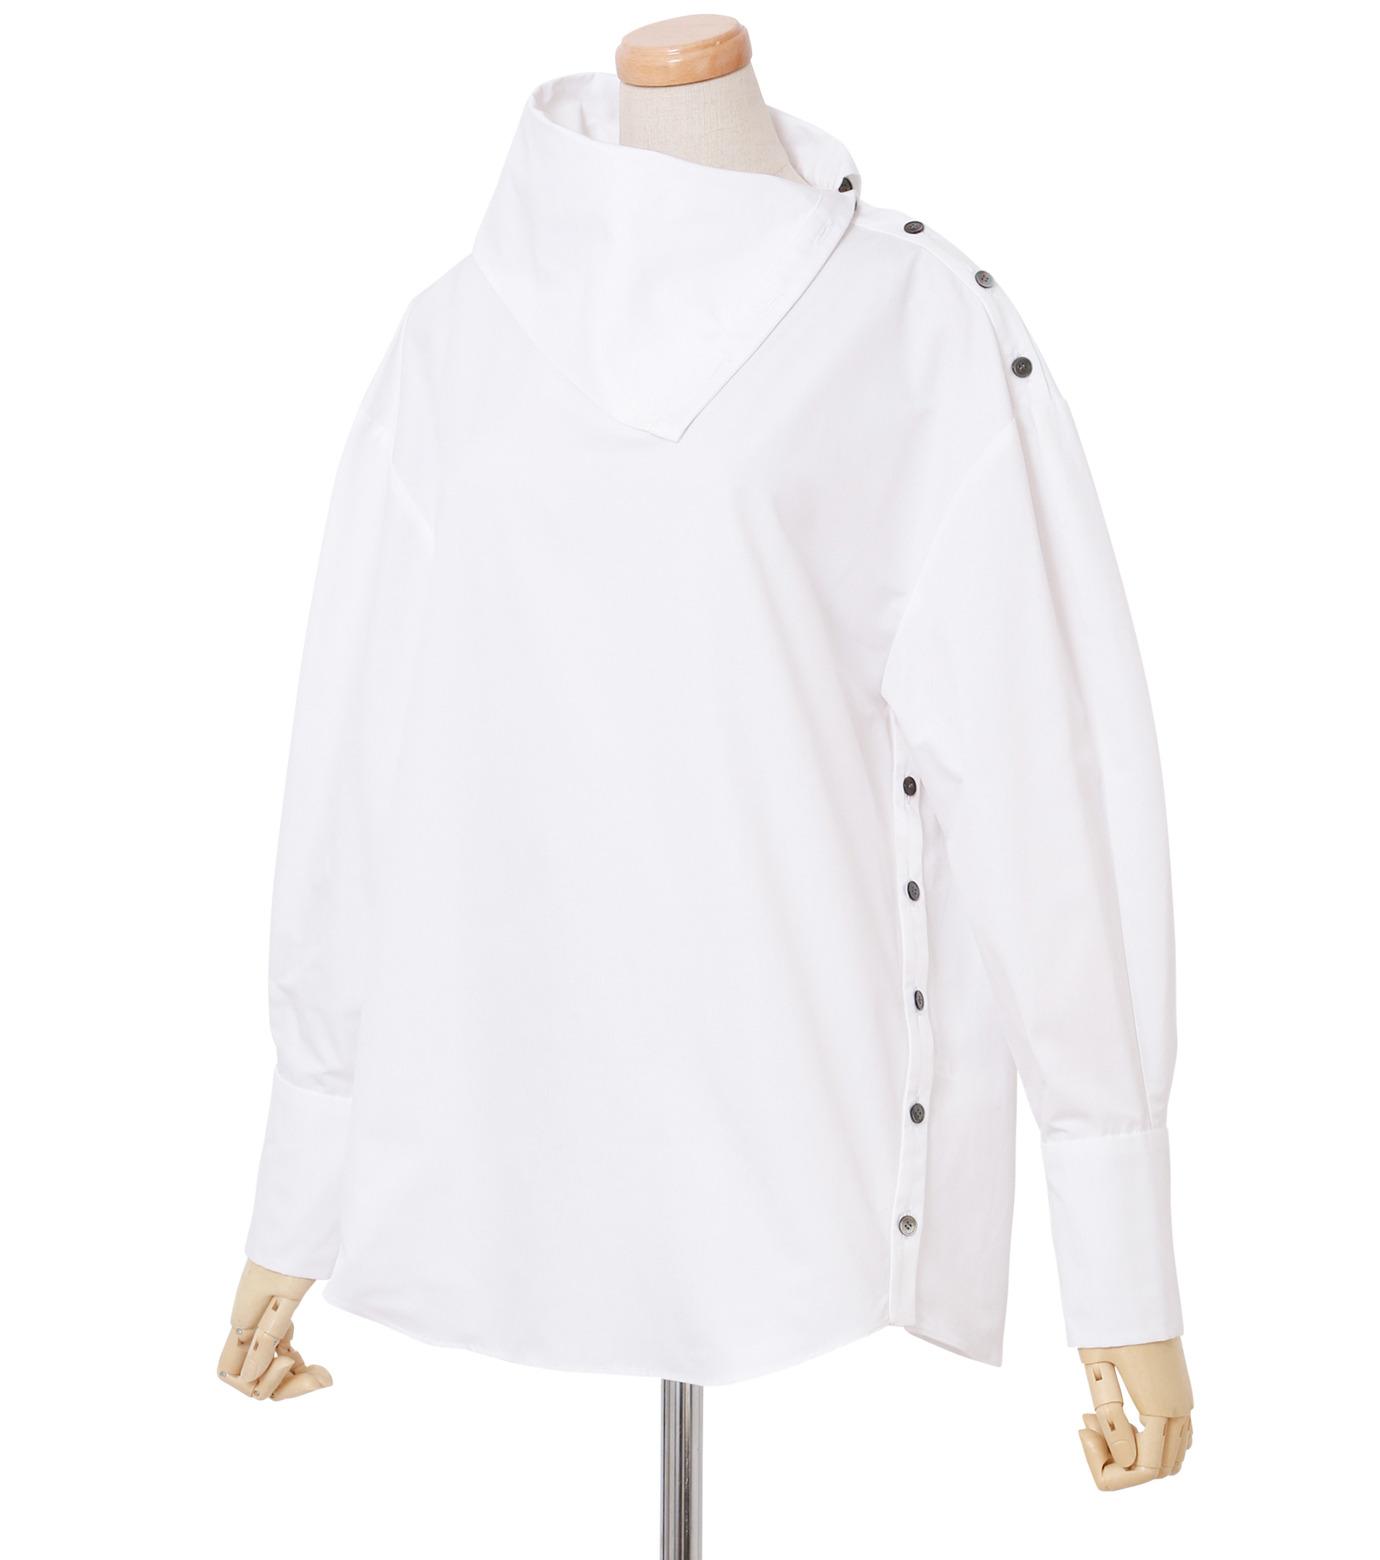 IRENE(アイレネ)のサイドウェイカラーシャツ-WHITE(シャツ/shirt)-18A83003 拡大詳細画像2